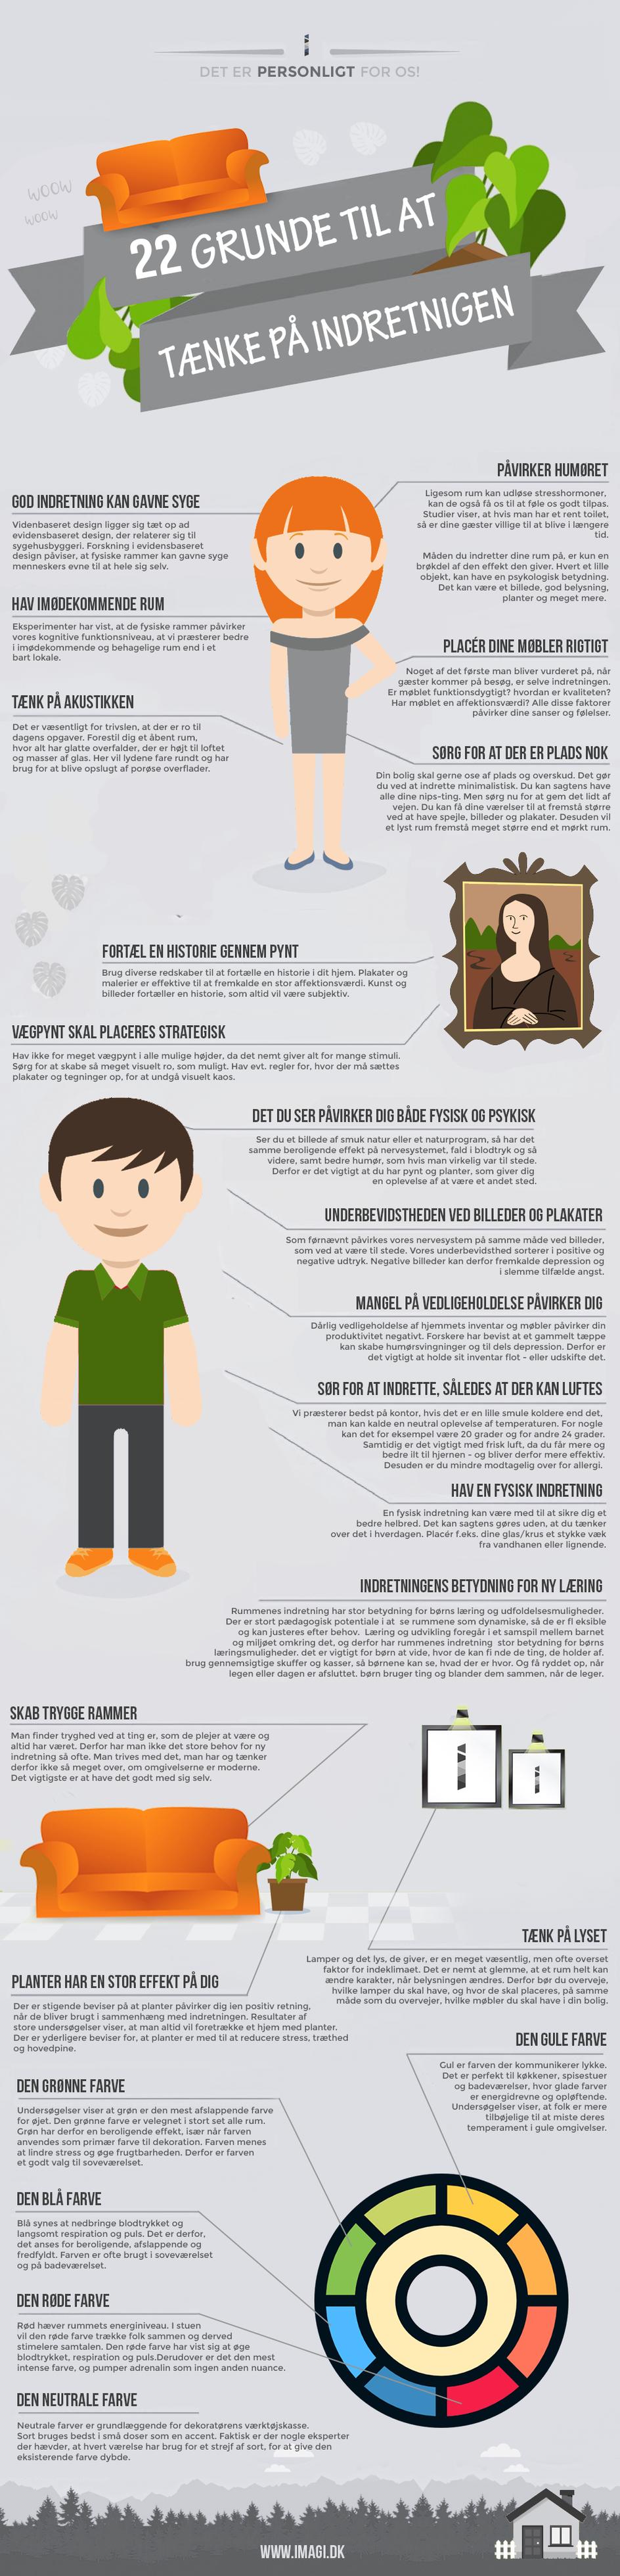 Sådan påvirker din indretning dig - Infografik fra Imagi